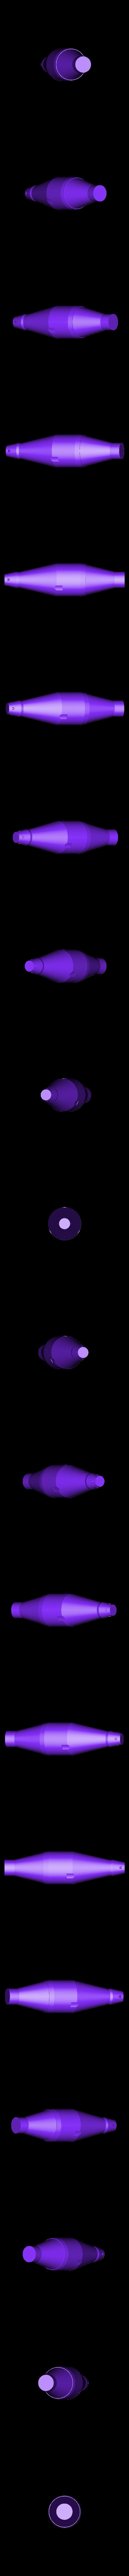 warhead_complete.stl Télécharger fichier STL Fusée M72 • Design pour imprimante 3D, Punisher_4u